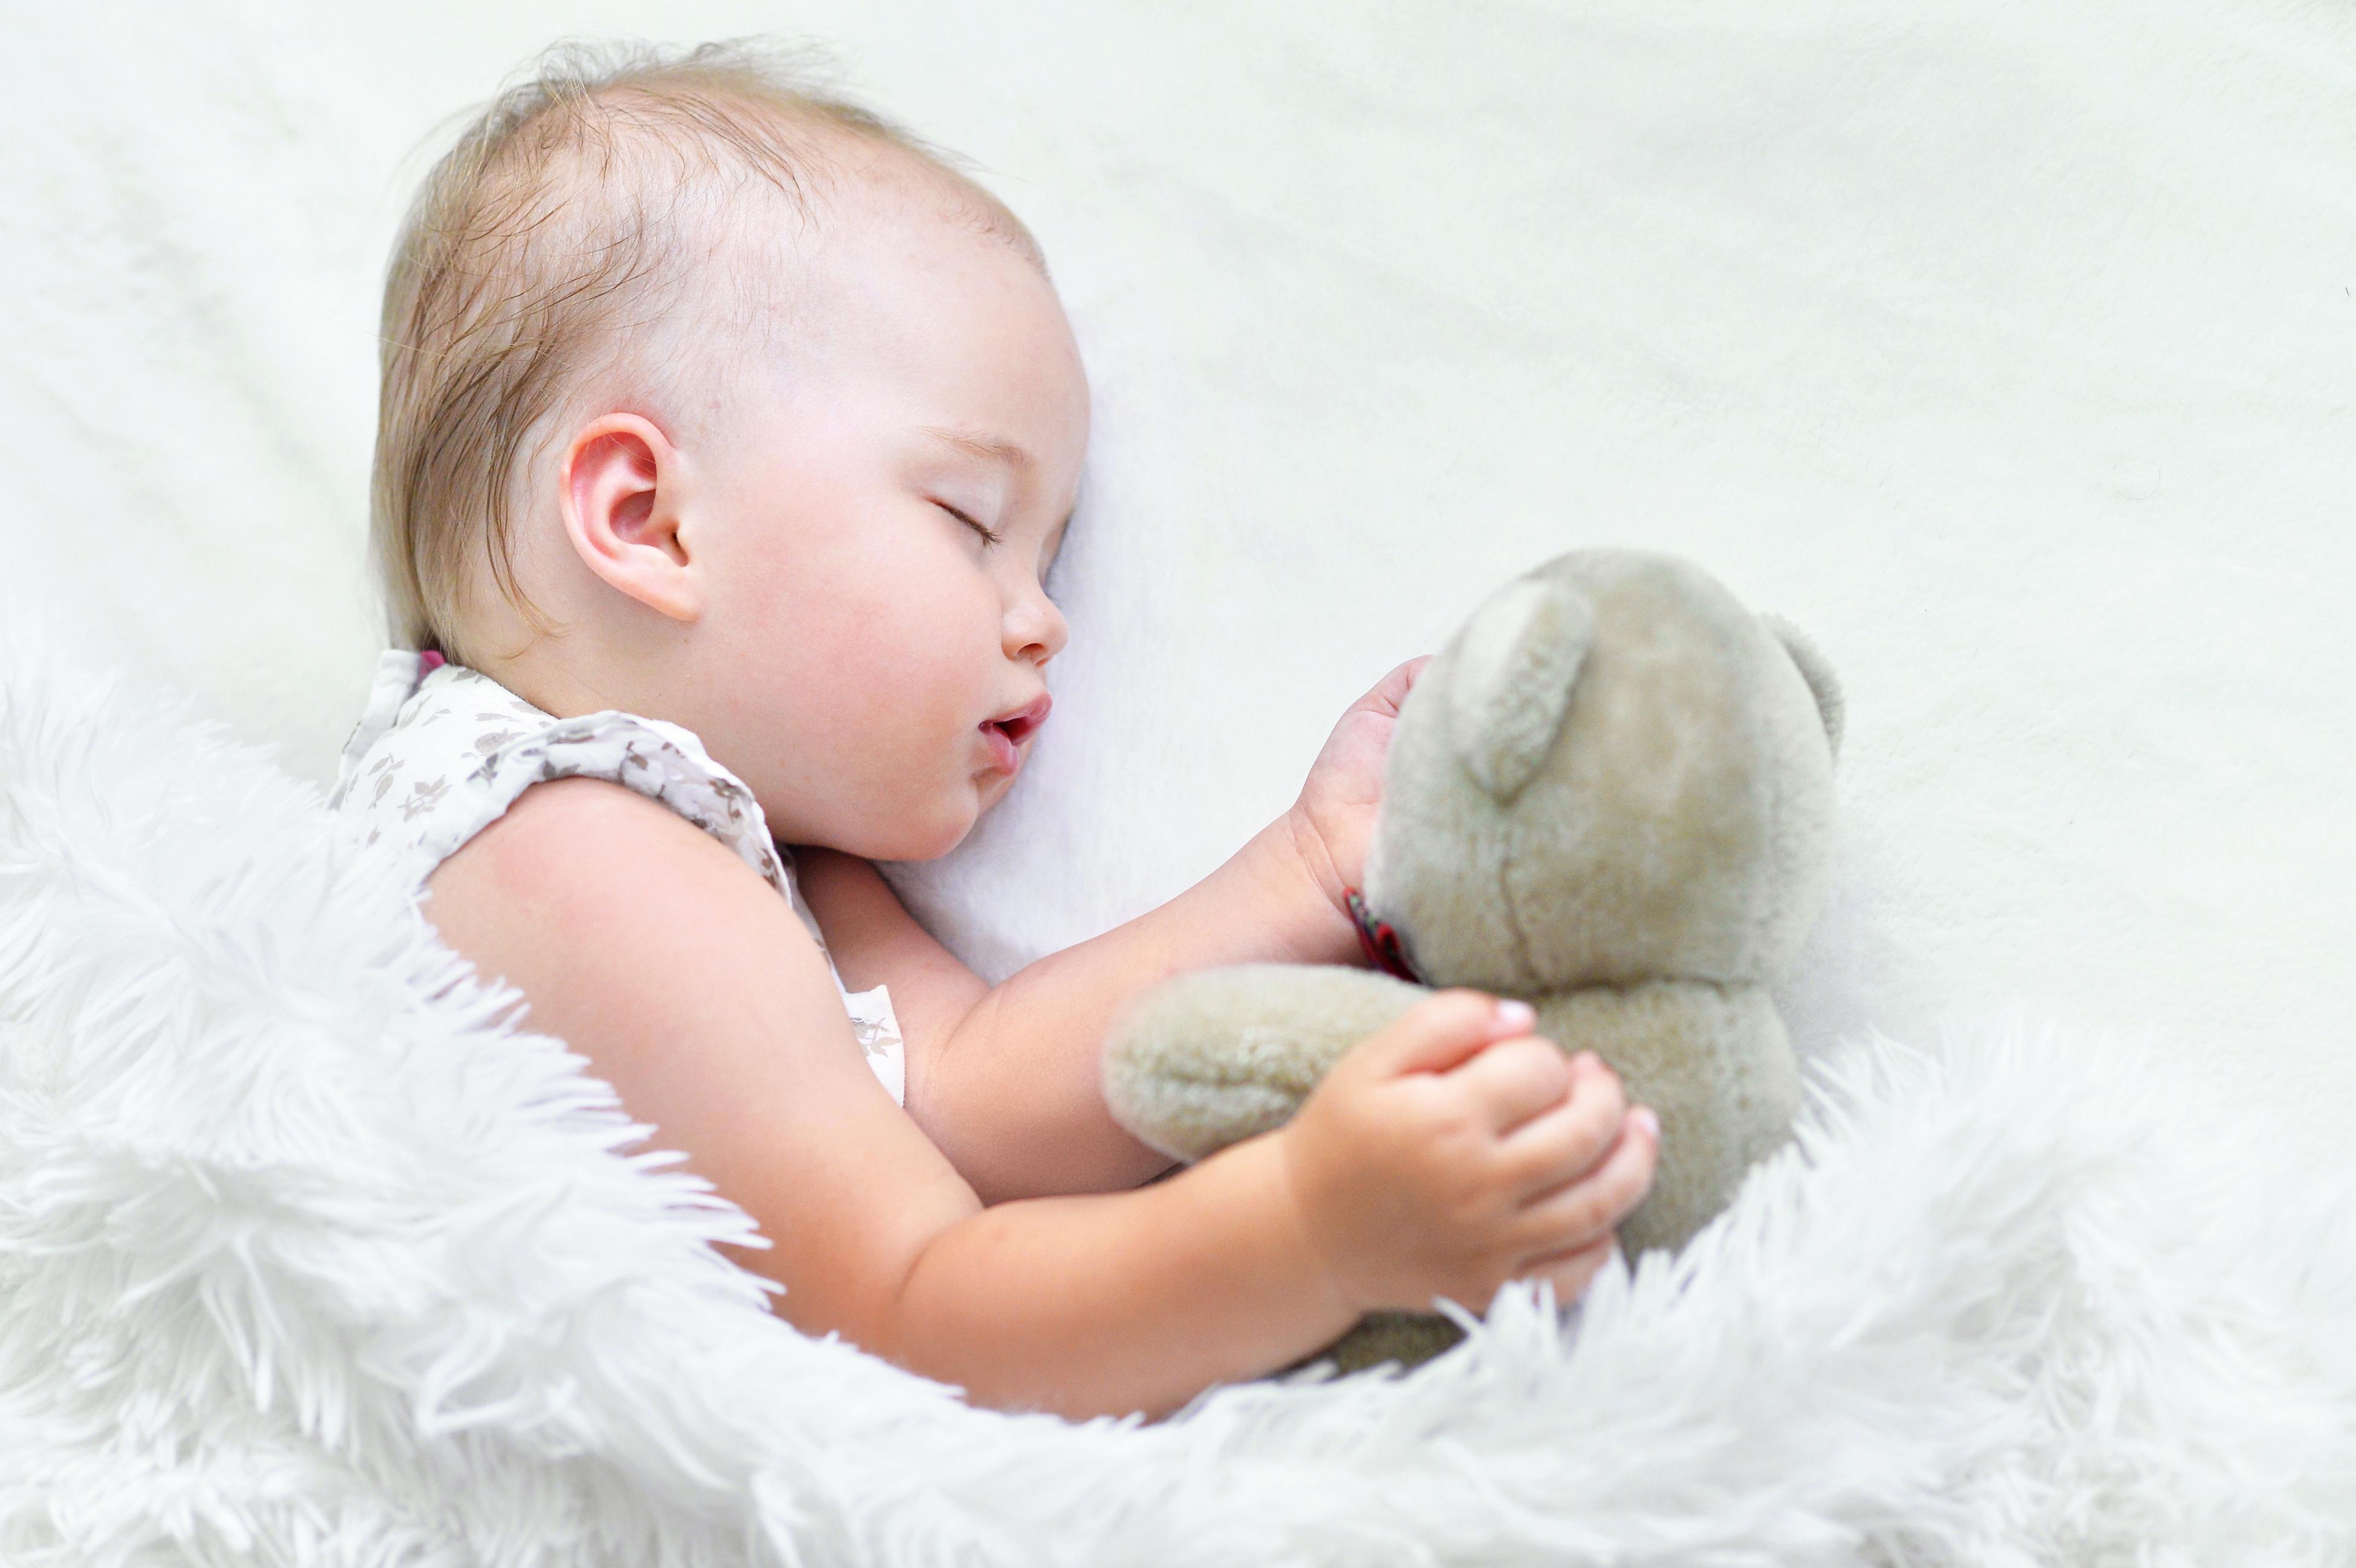 Куда делись 15 тысяч евро? Родители из Челябинска собрали деньги на лечение дочери